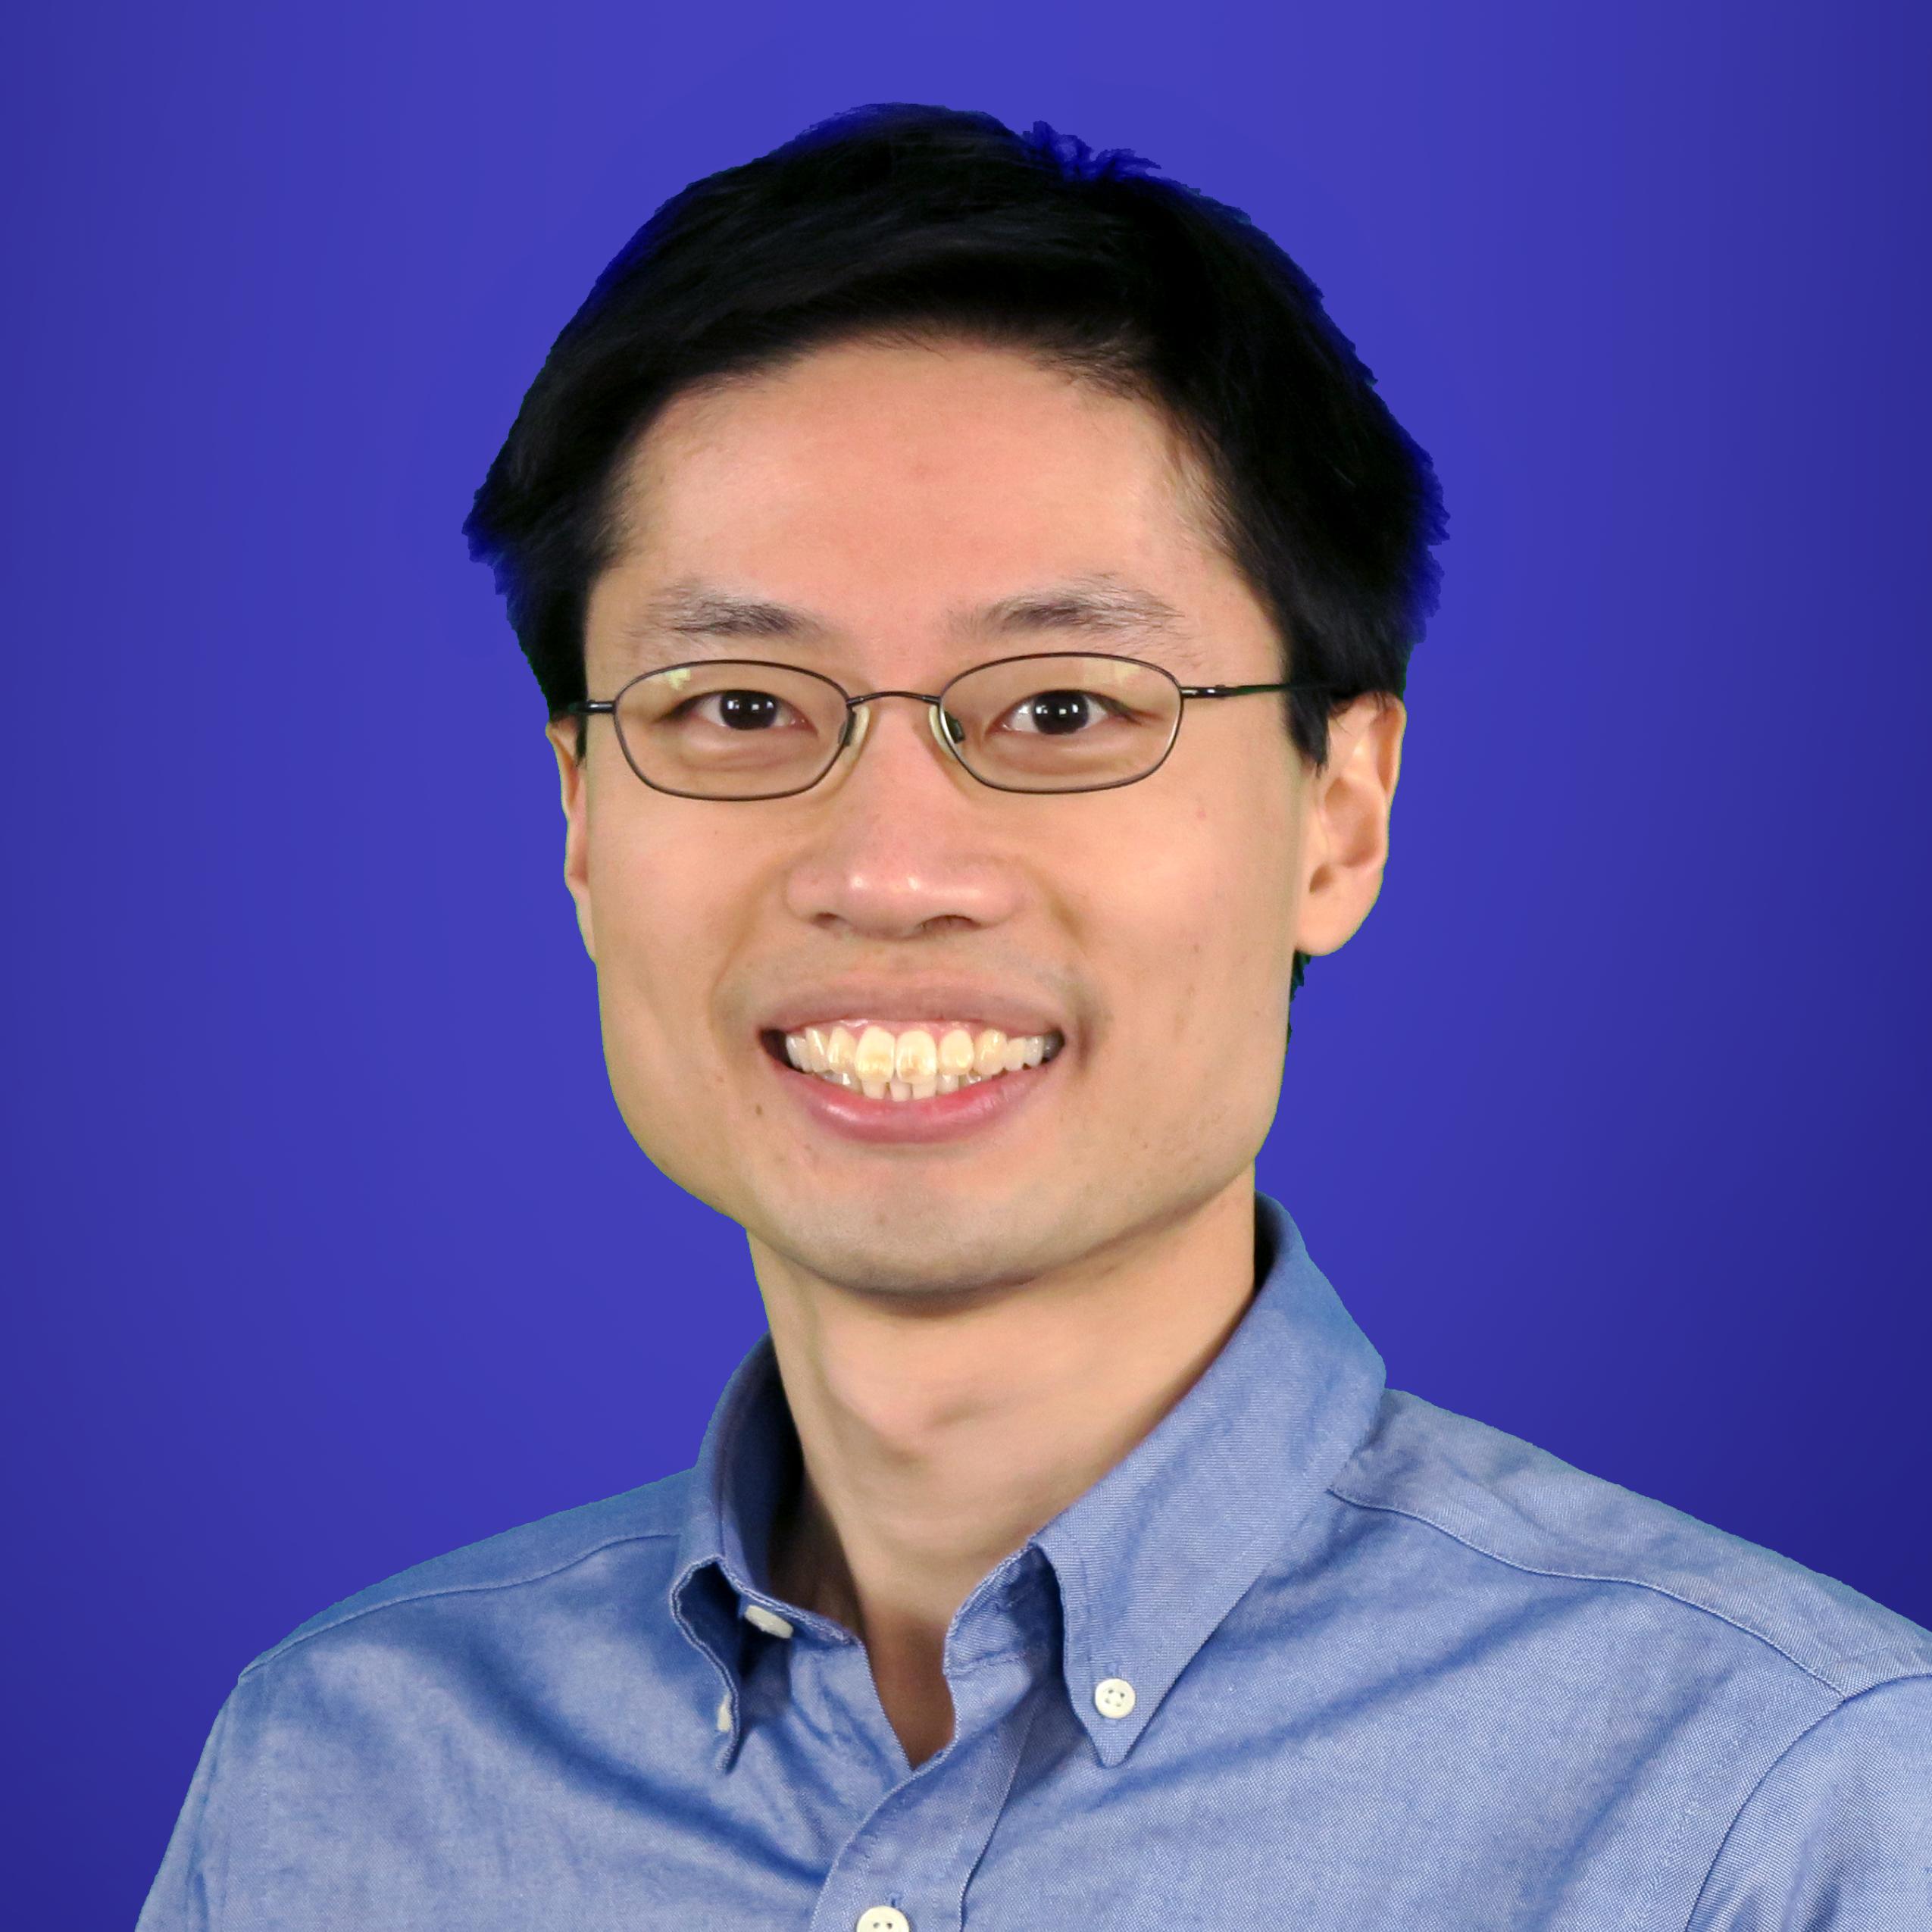 Po-Shen Loh